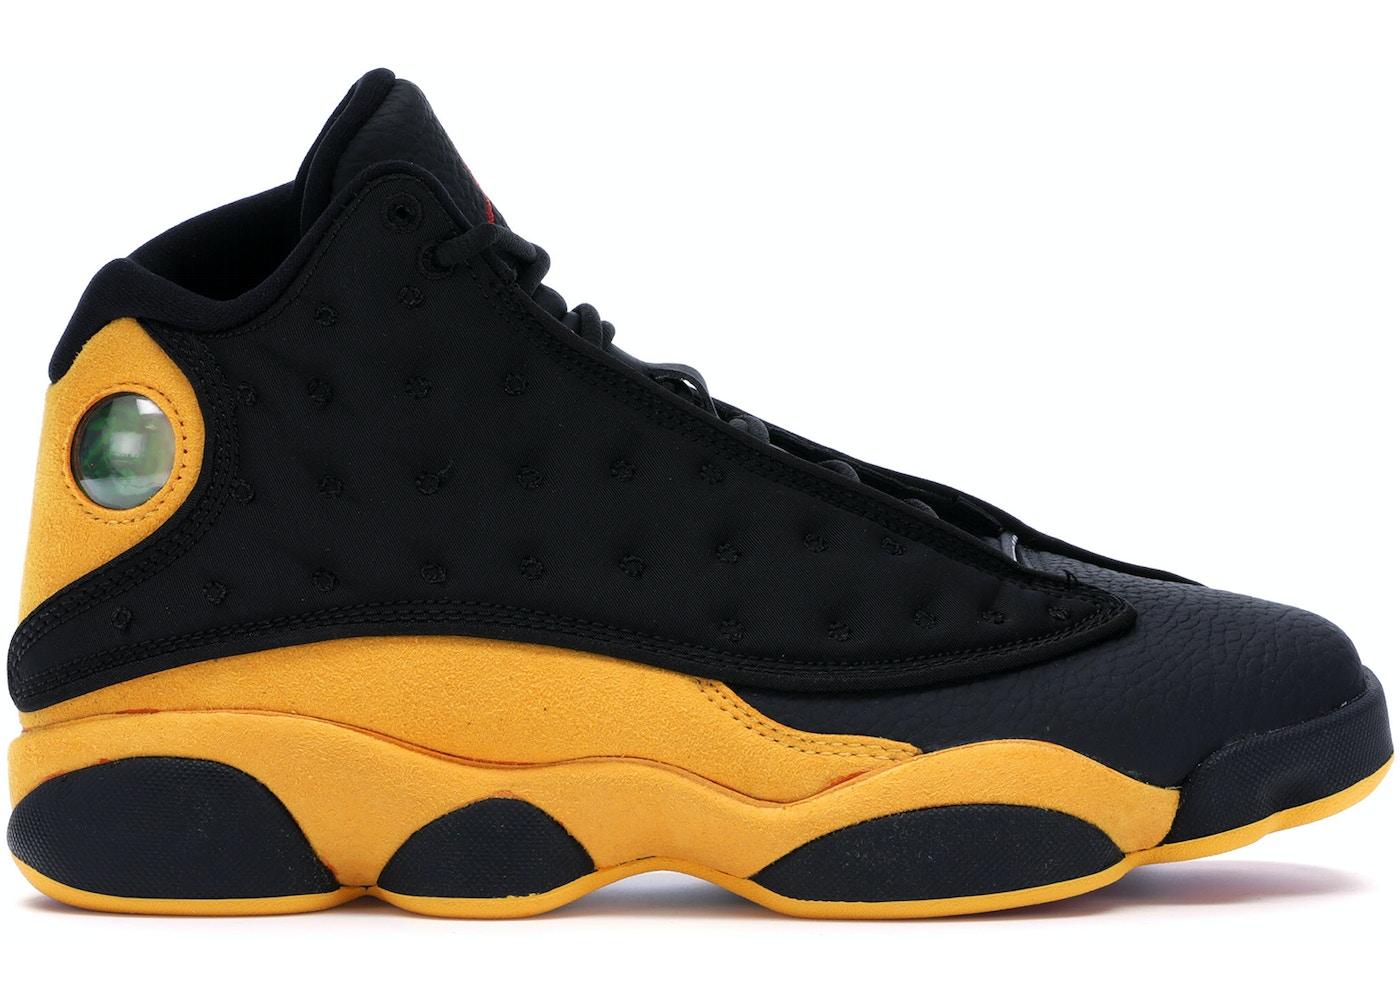 72d3fab63e4 Jordan 13 Retro Carmelo Anthony Class Of 2002 (B-Grade) - 414571-035